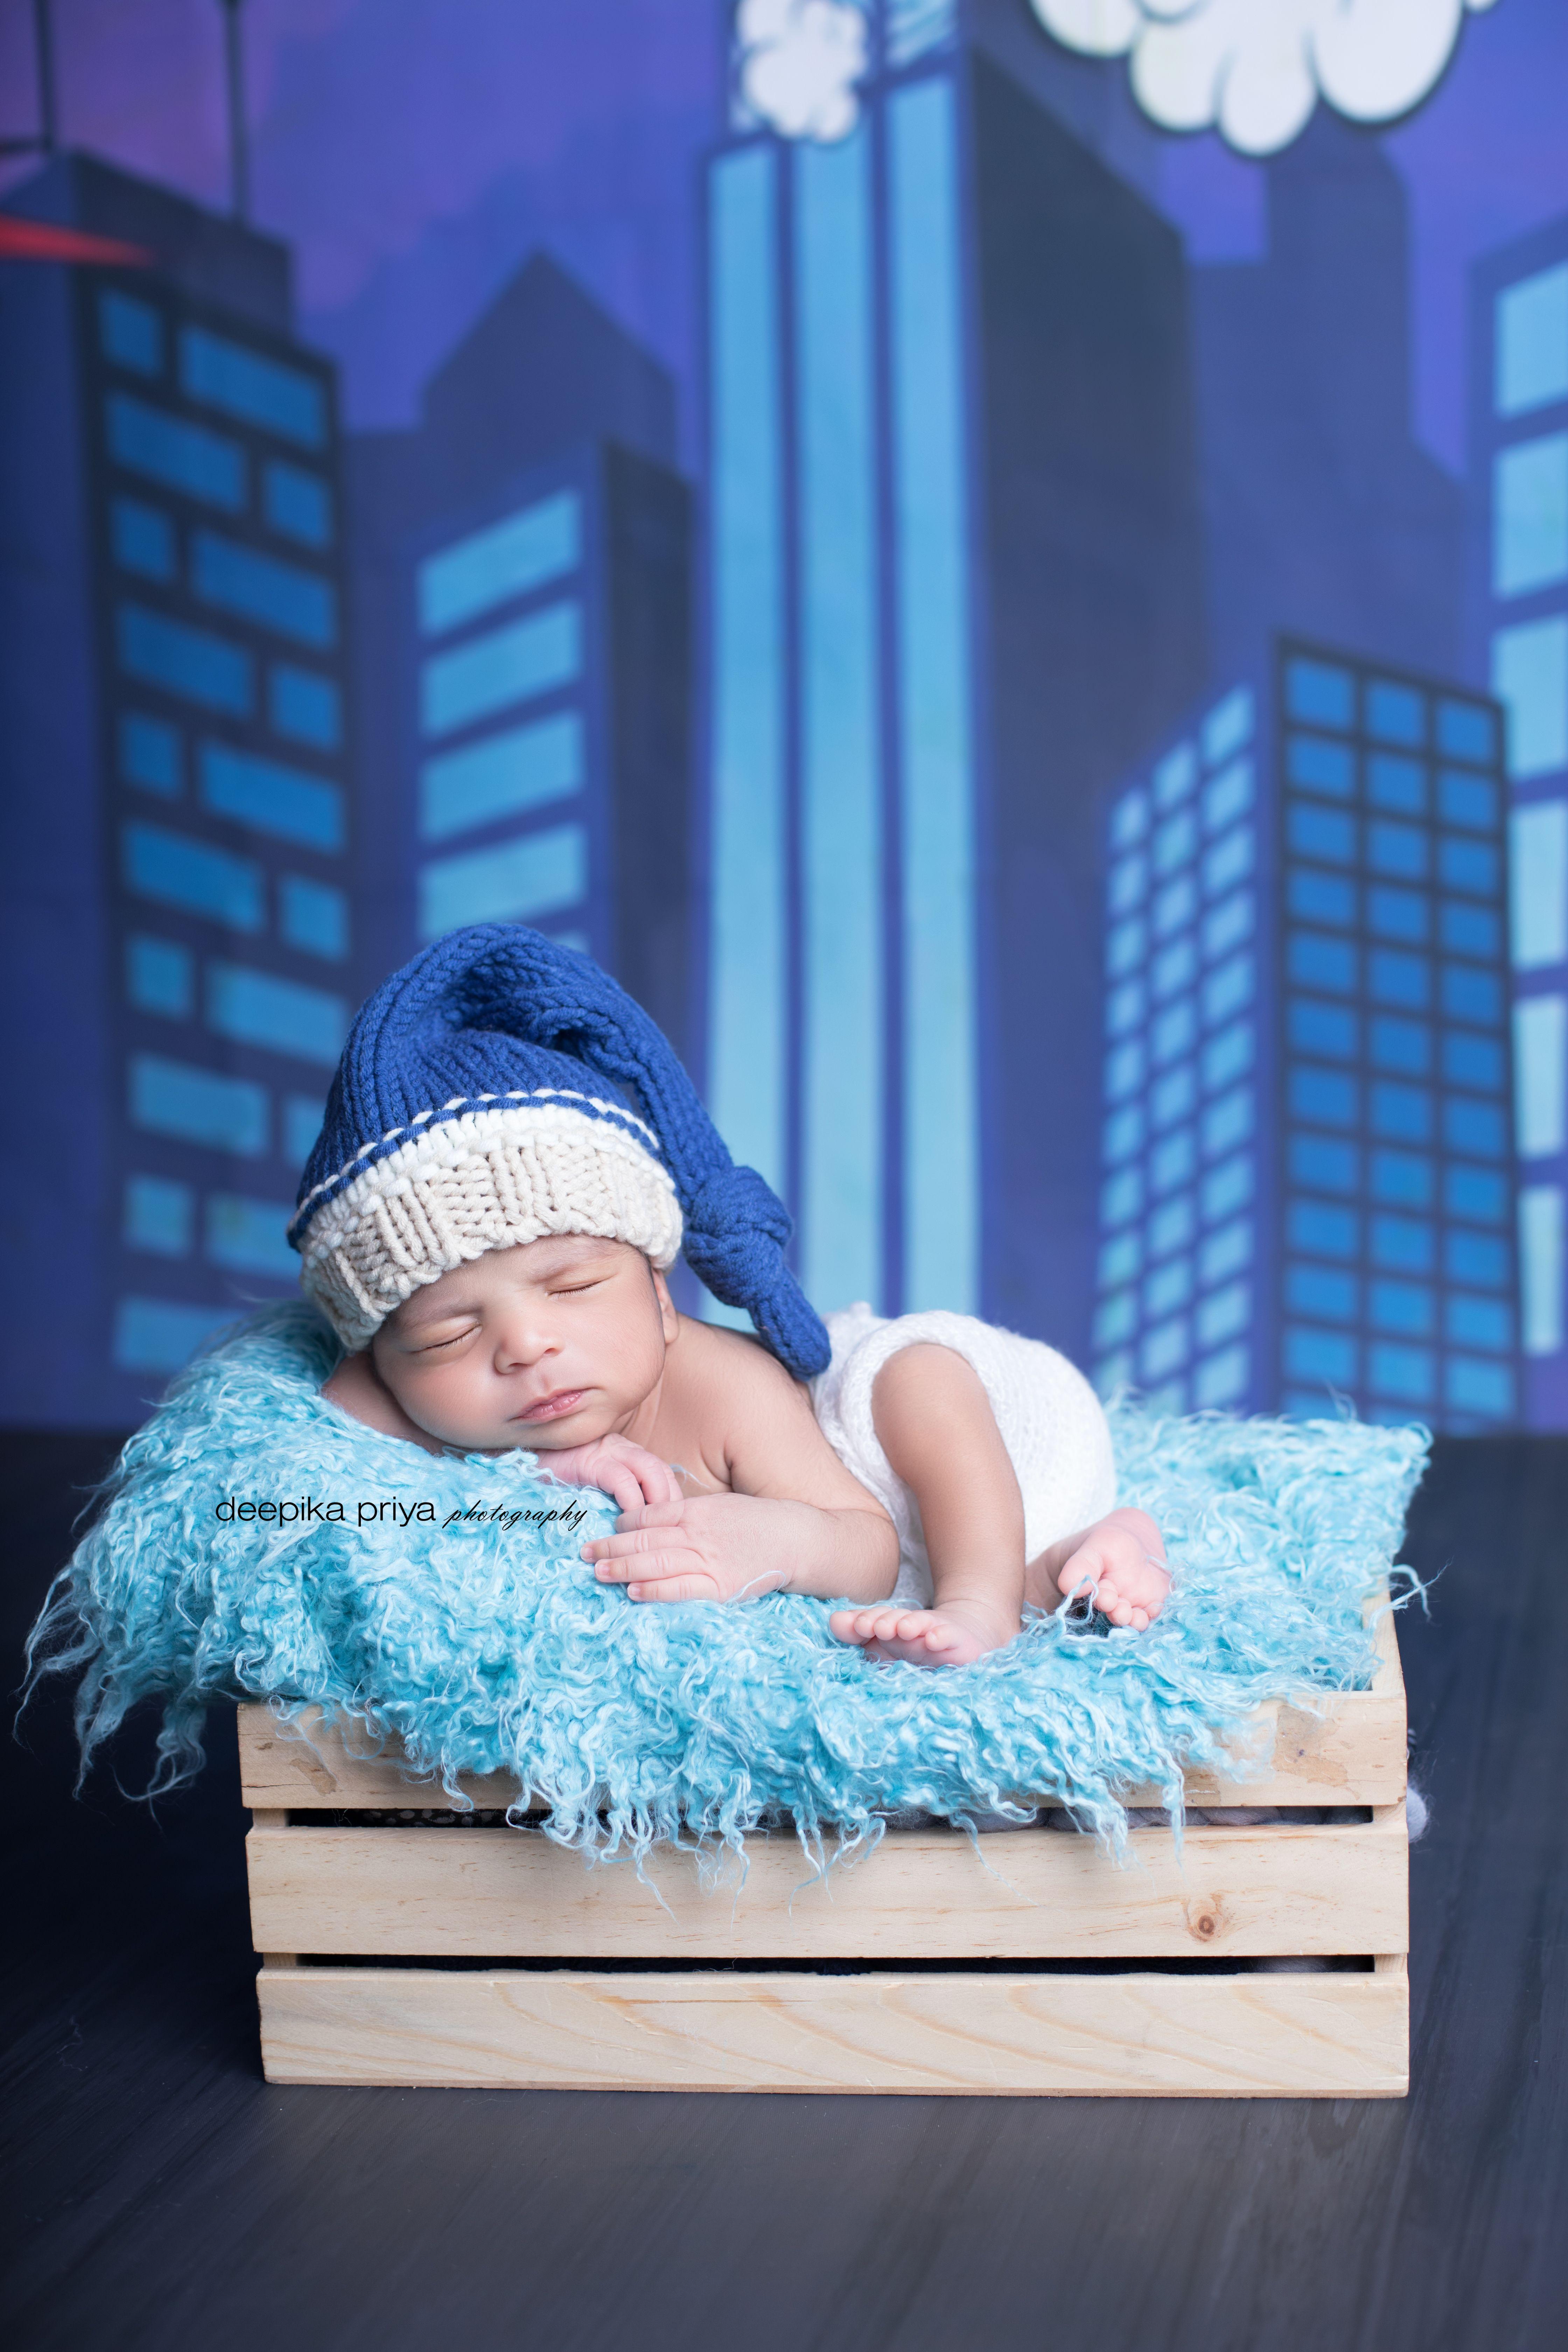 Newborn And Kids Photography Baby Photoshoot Boy Baby Photoshoot Newborn Photography